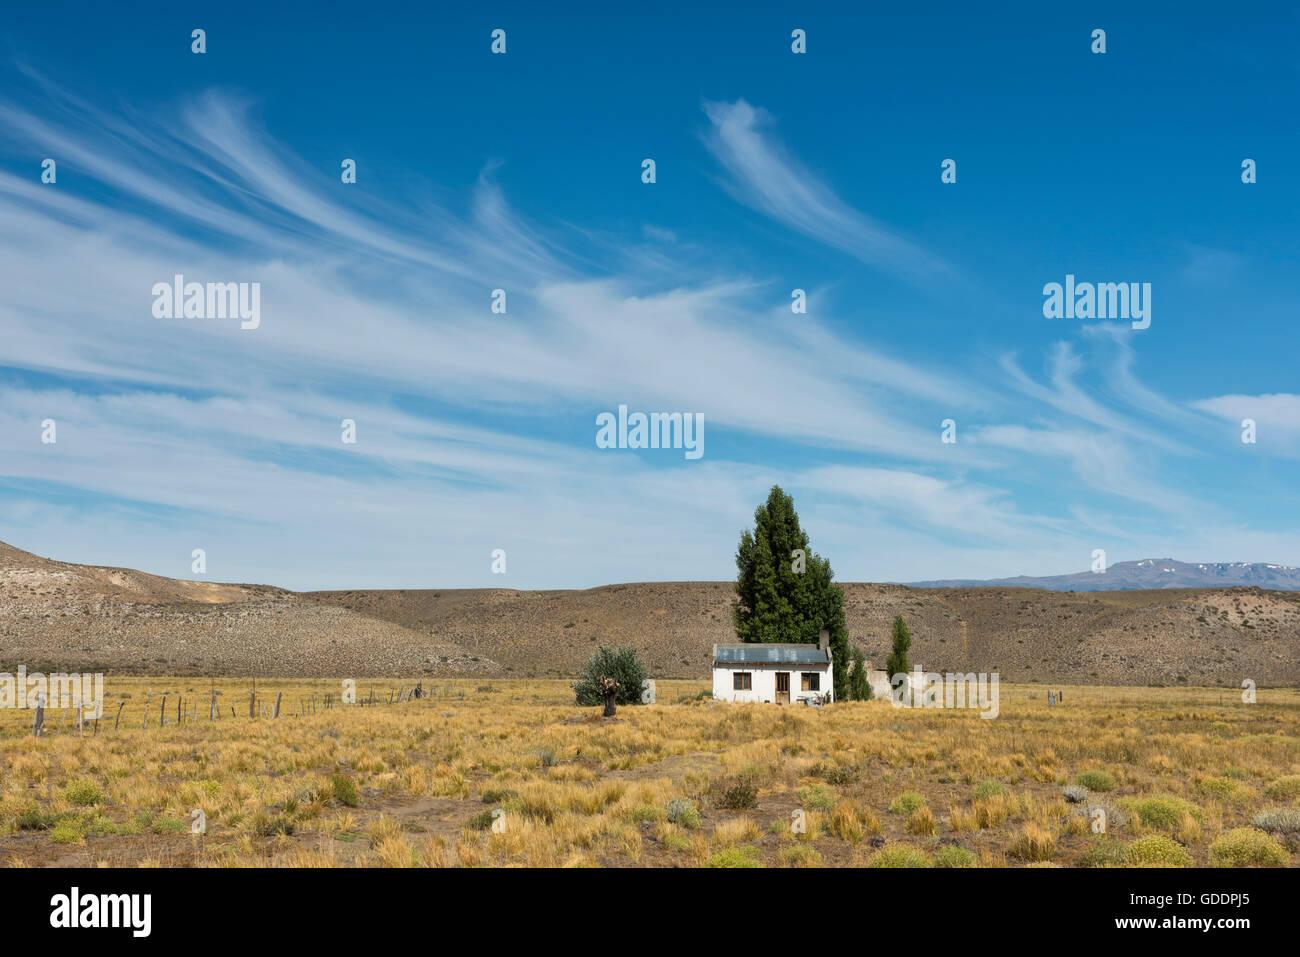 Südamerika, Chubut, Argentinien, Patagonien, Haus in der Pampa Stockbild